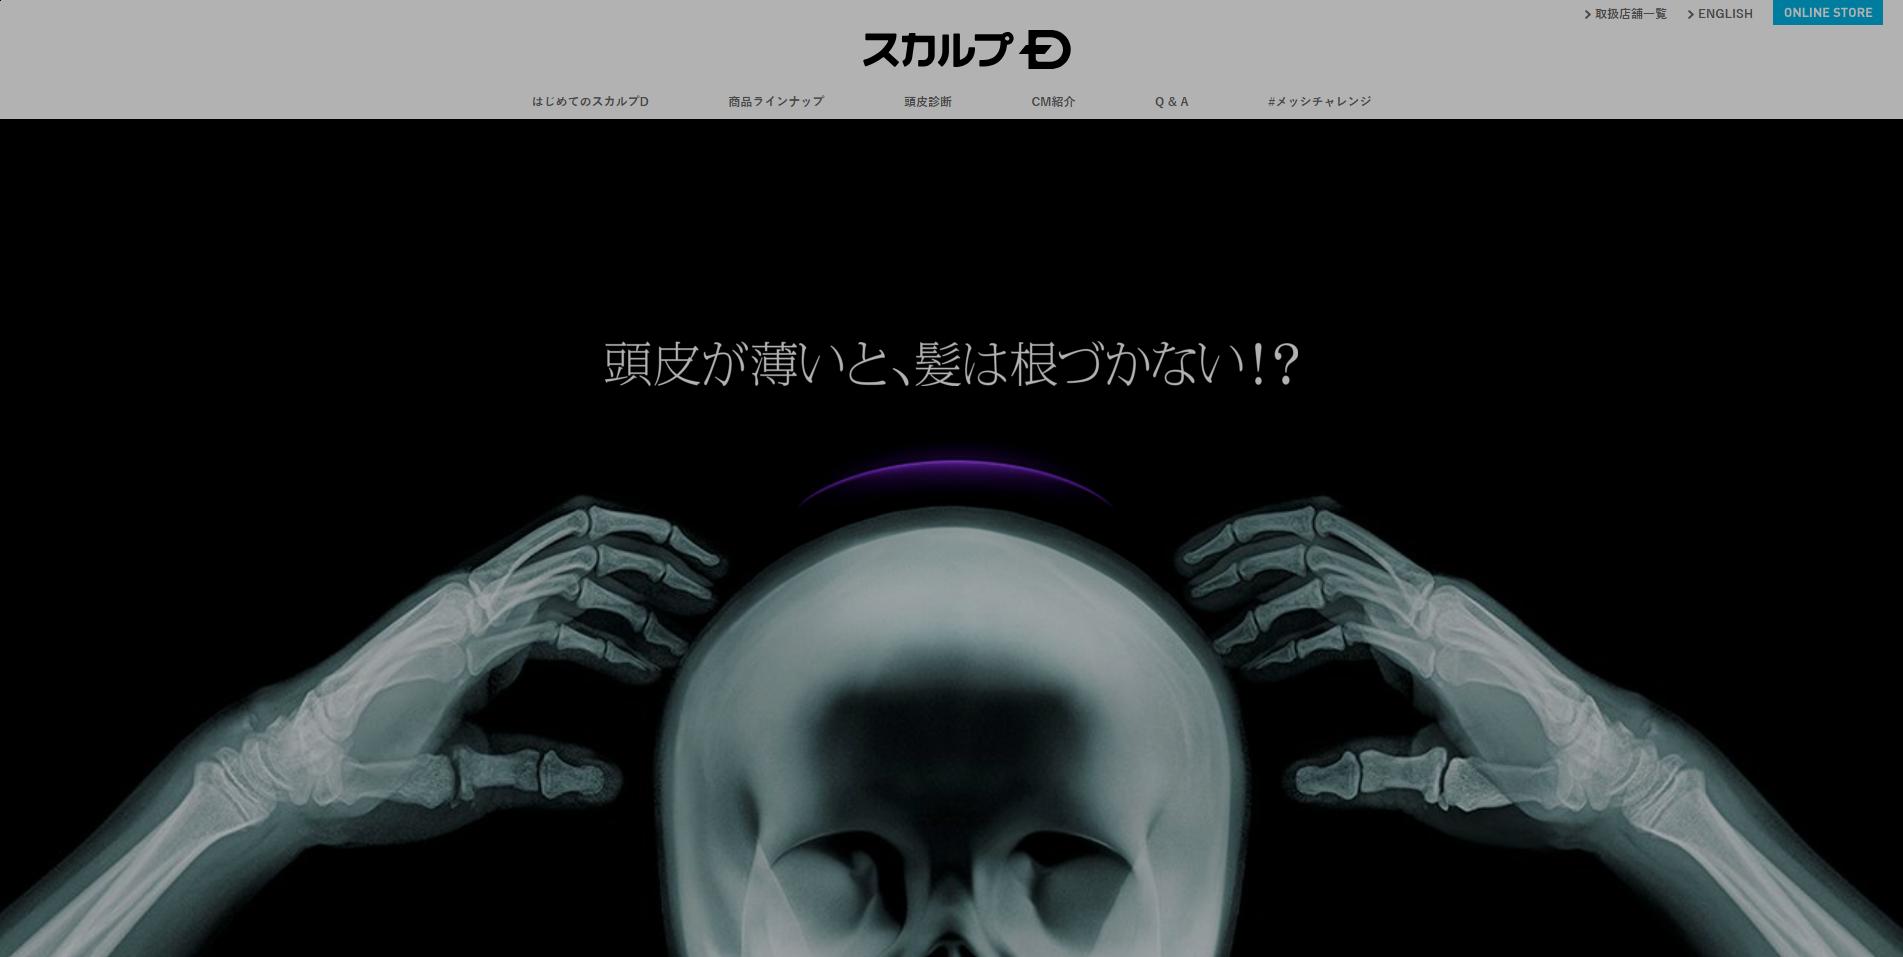 メソケアプラスのホームページのトップ画像のスクリーンショット